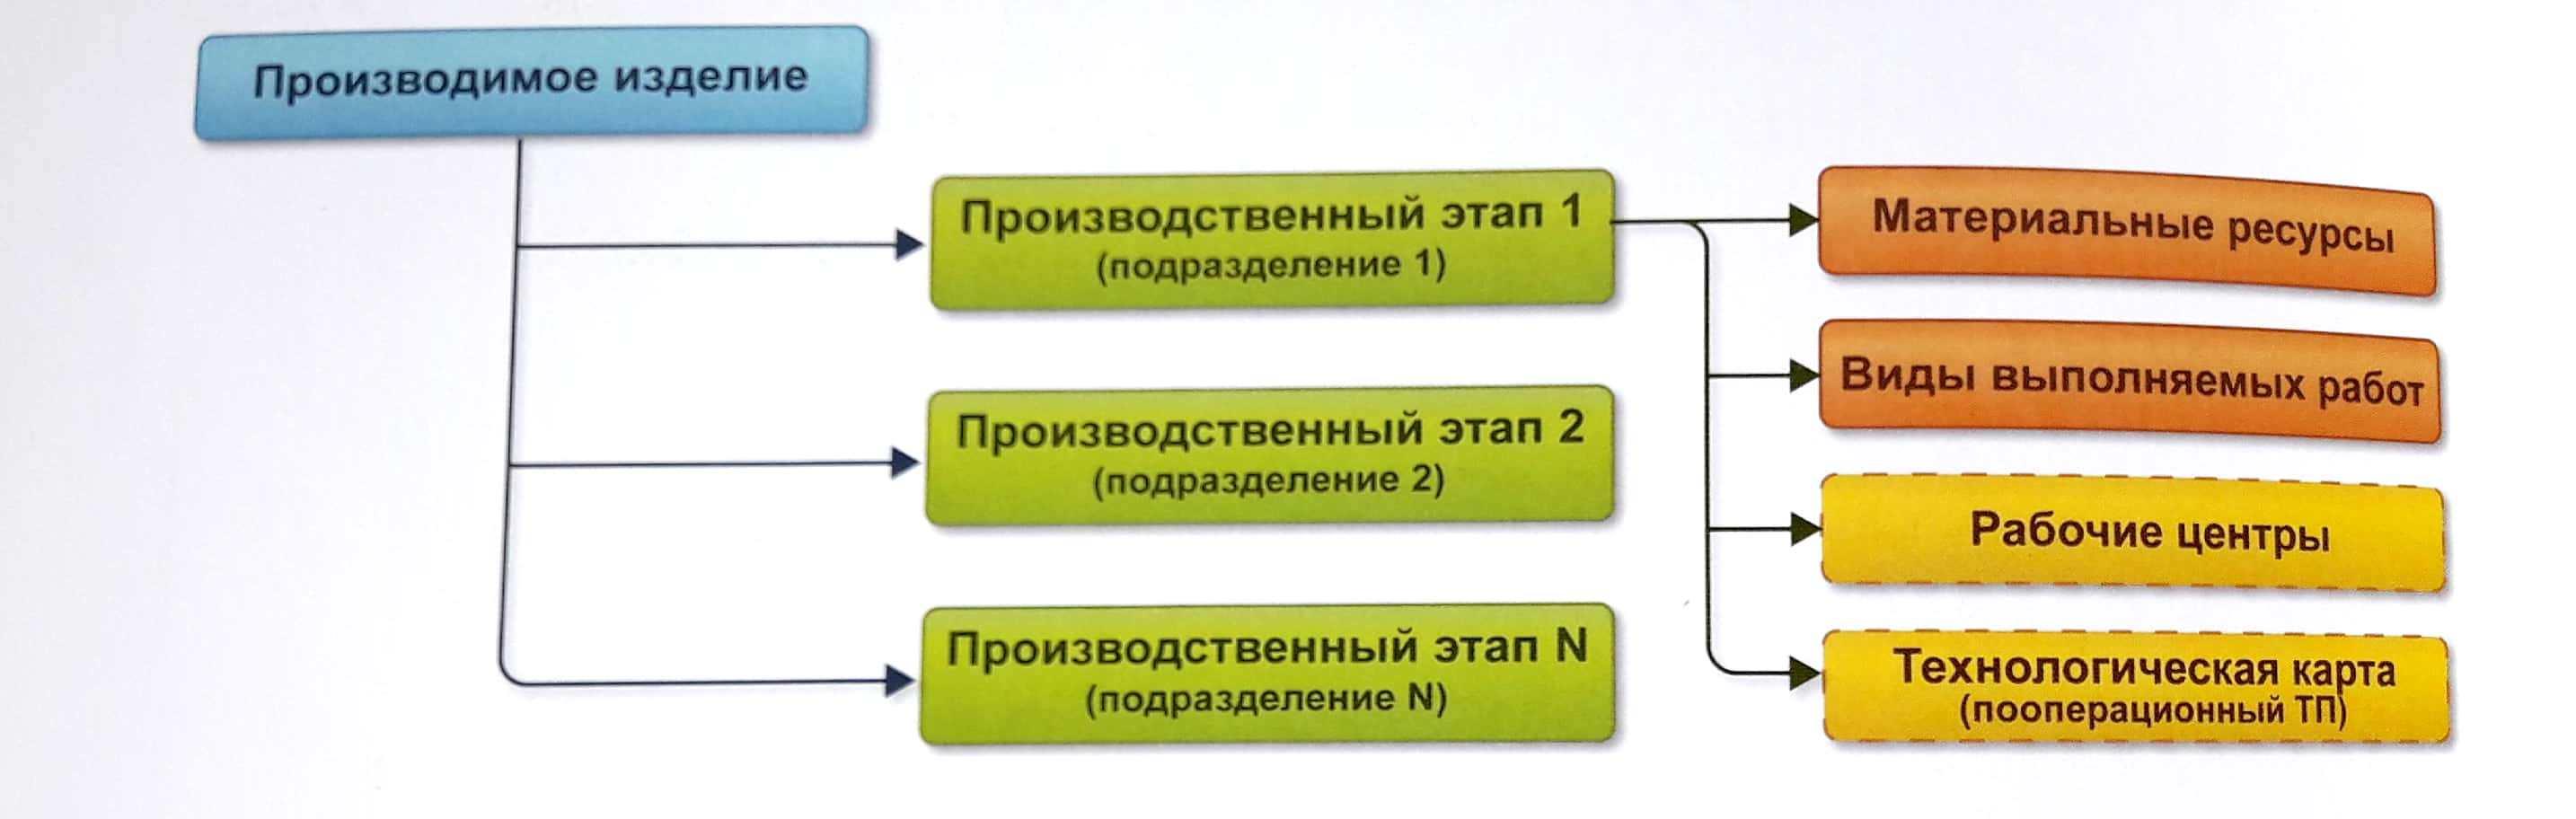 Управление производством в 1С: ERP - как выбрать систему управления предприятием - Купить решение